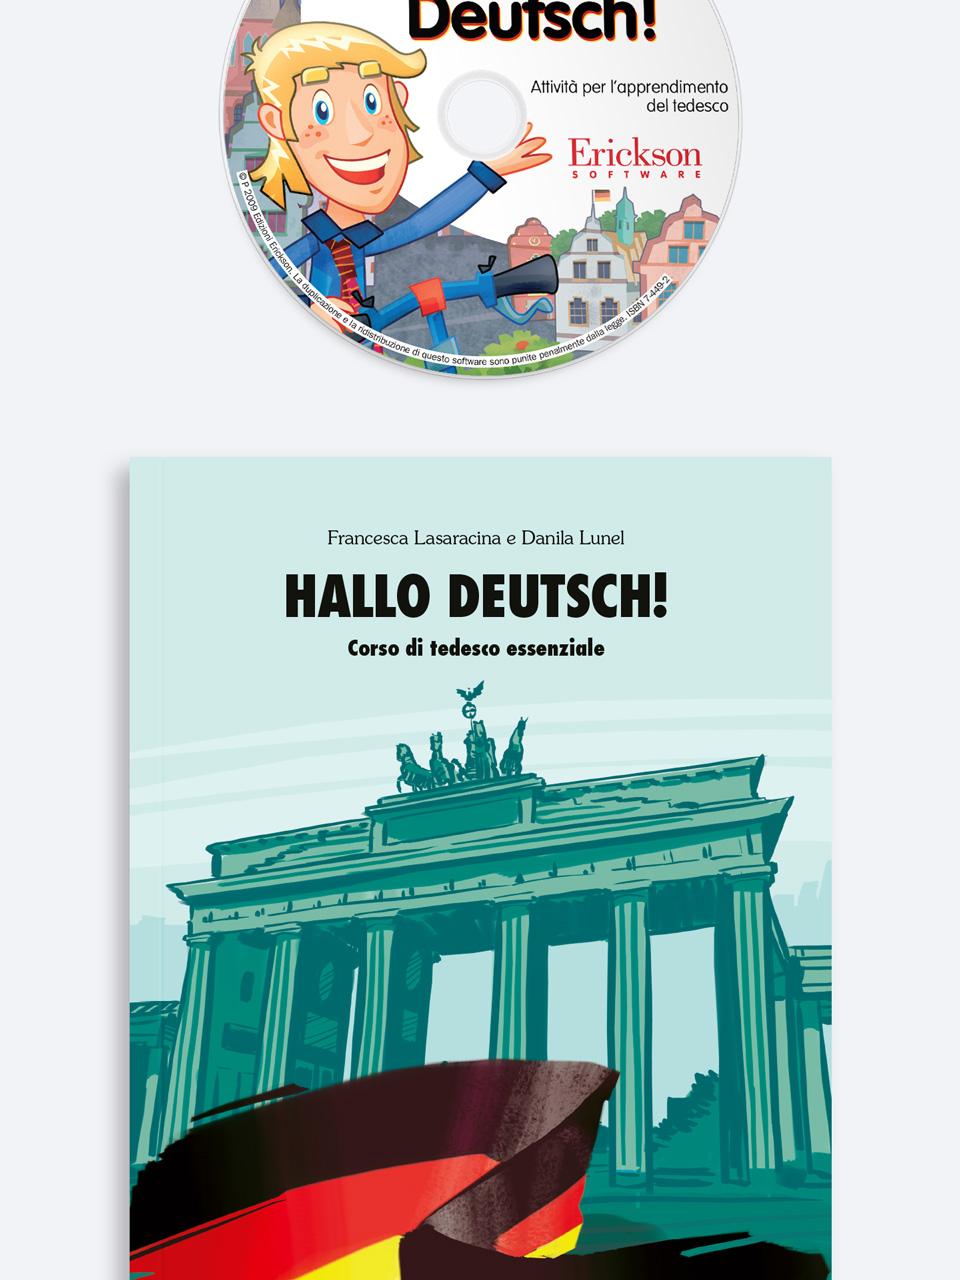 Hallo Deutsch! - Libri - App e software - Erickson 5